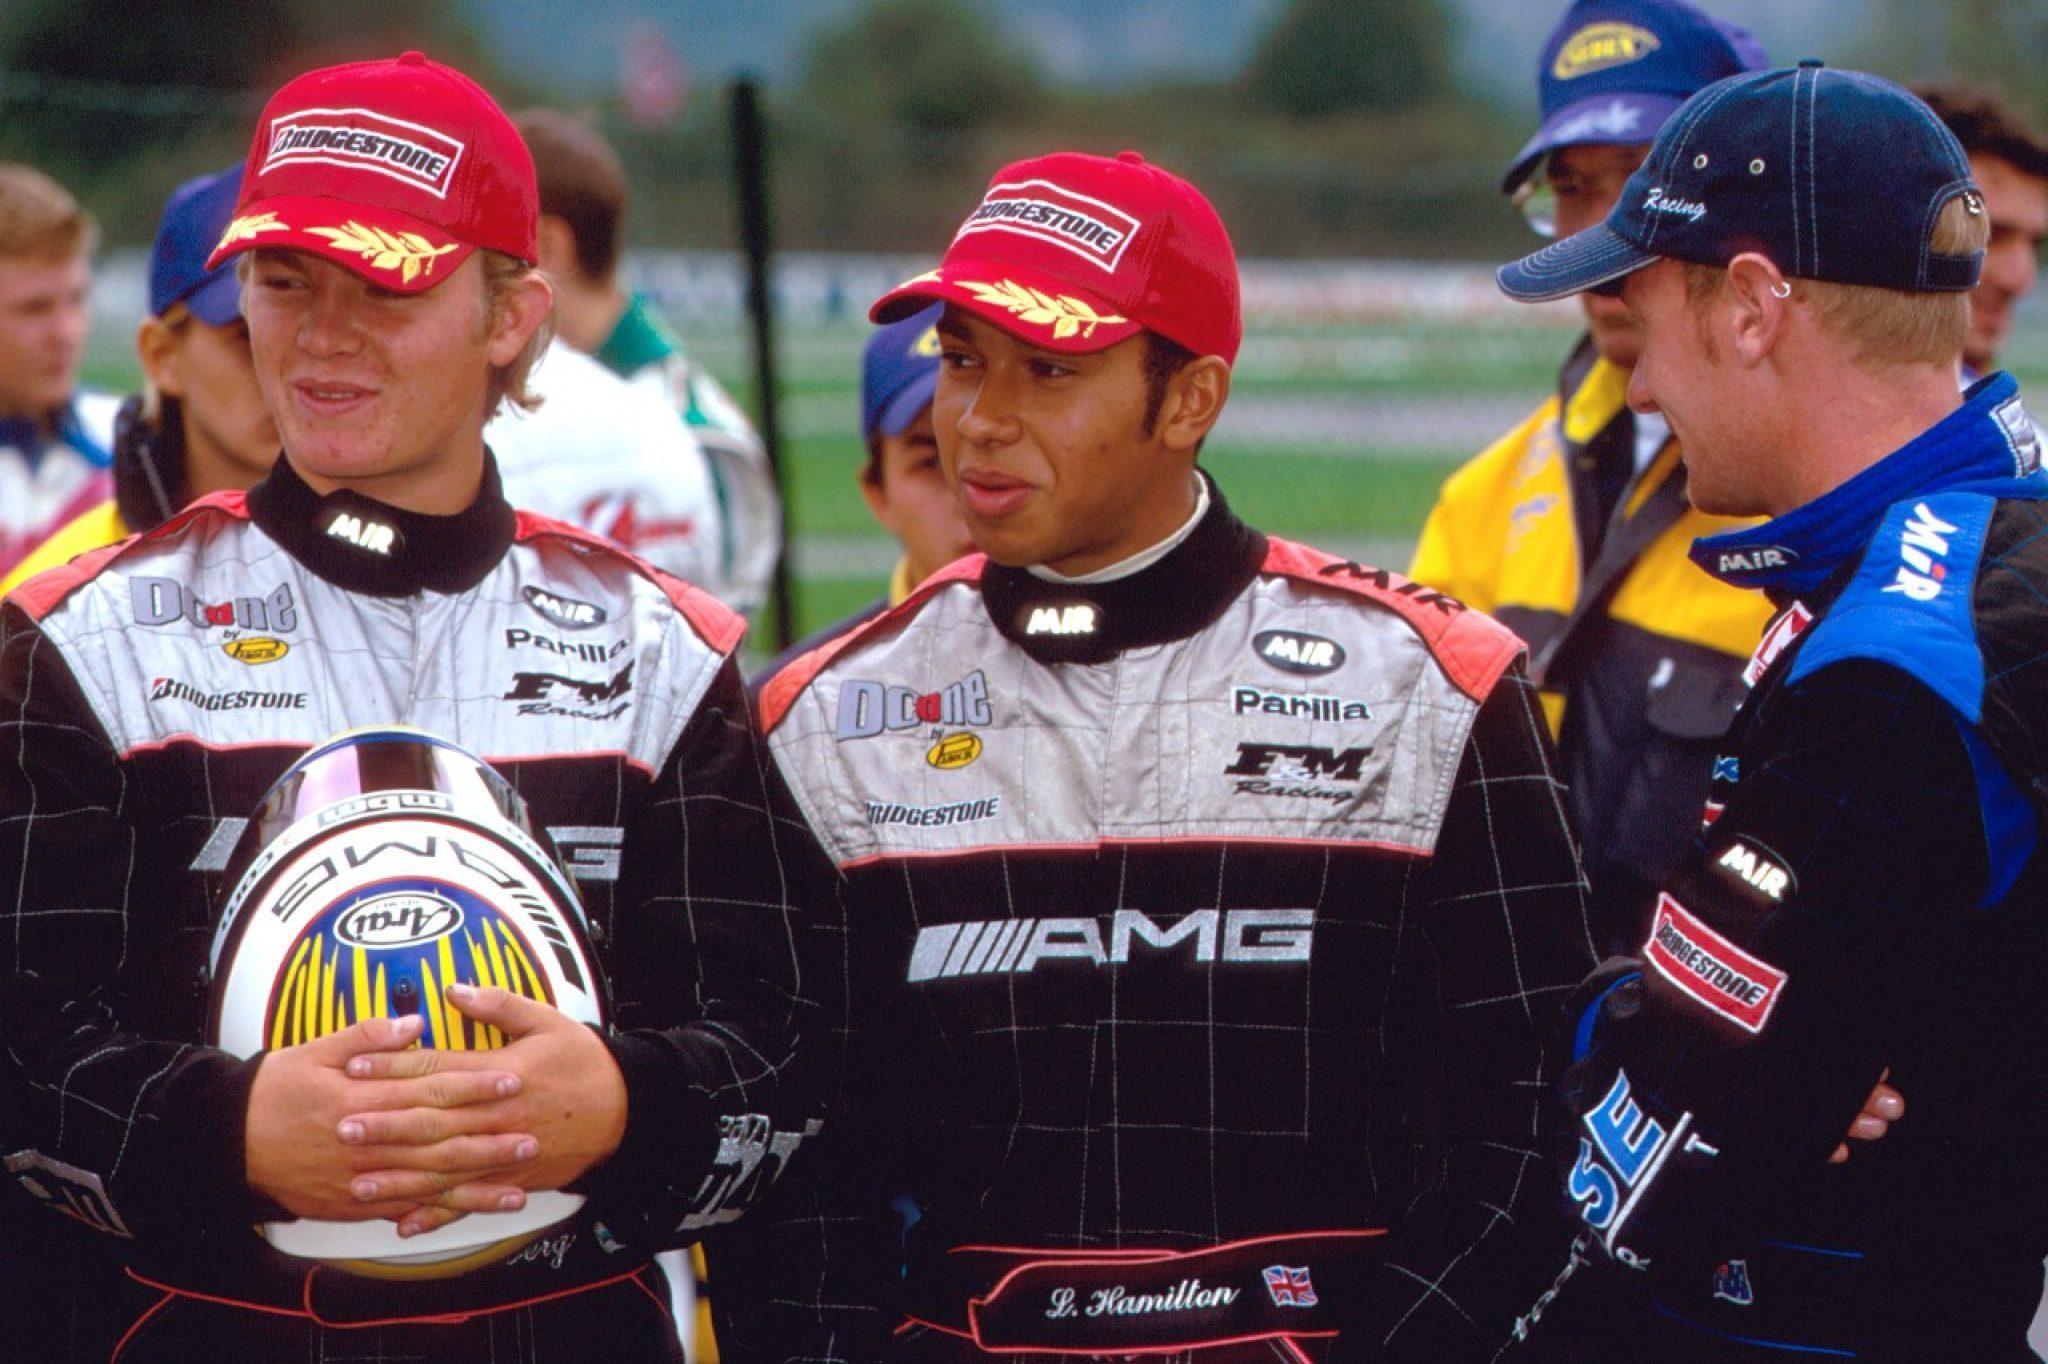 2001년 월드 카트 챔피언십에서도 메르세데스의 팀메이트였던 니코 로즈버그(왼쪽)와 루이스 해밀턴 [사진 Sutton Motorsport Images]